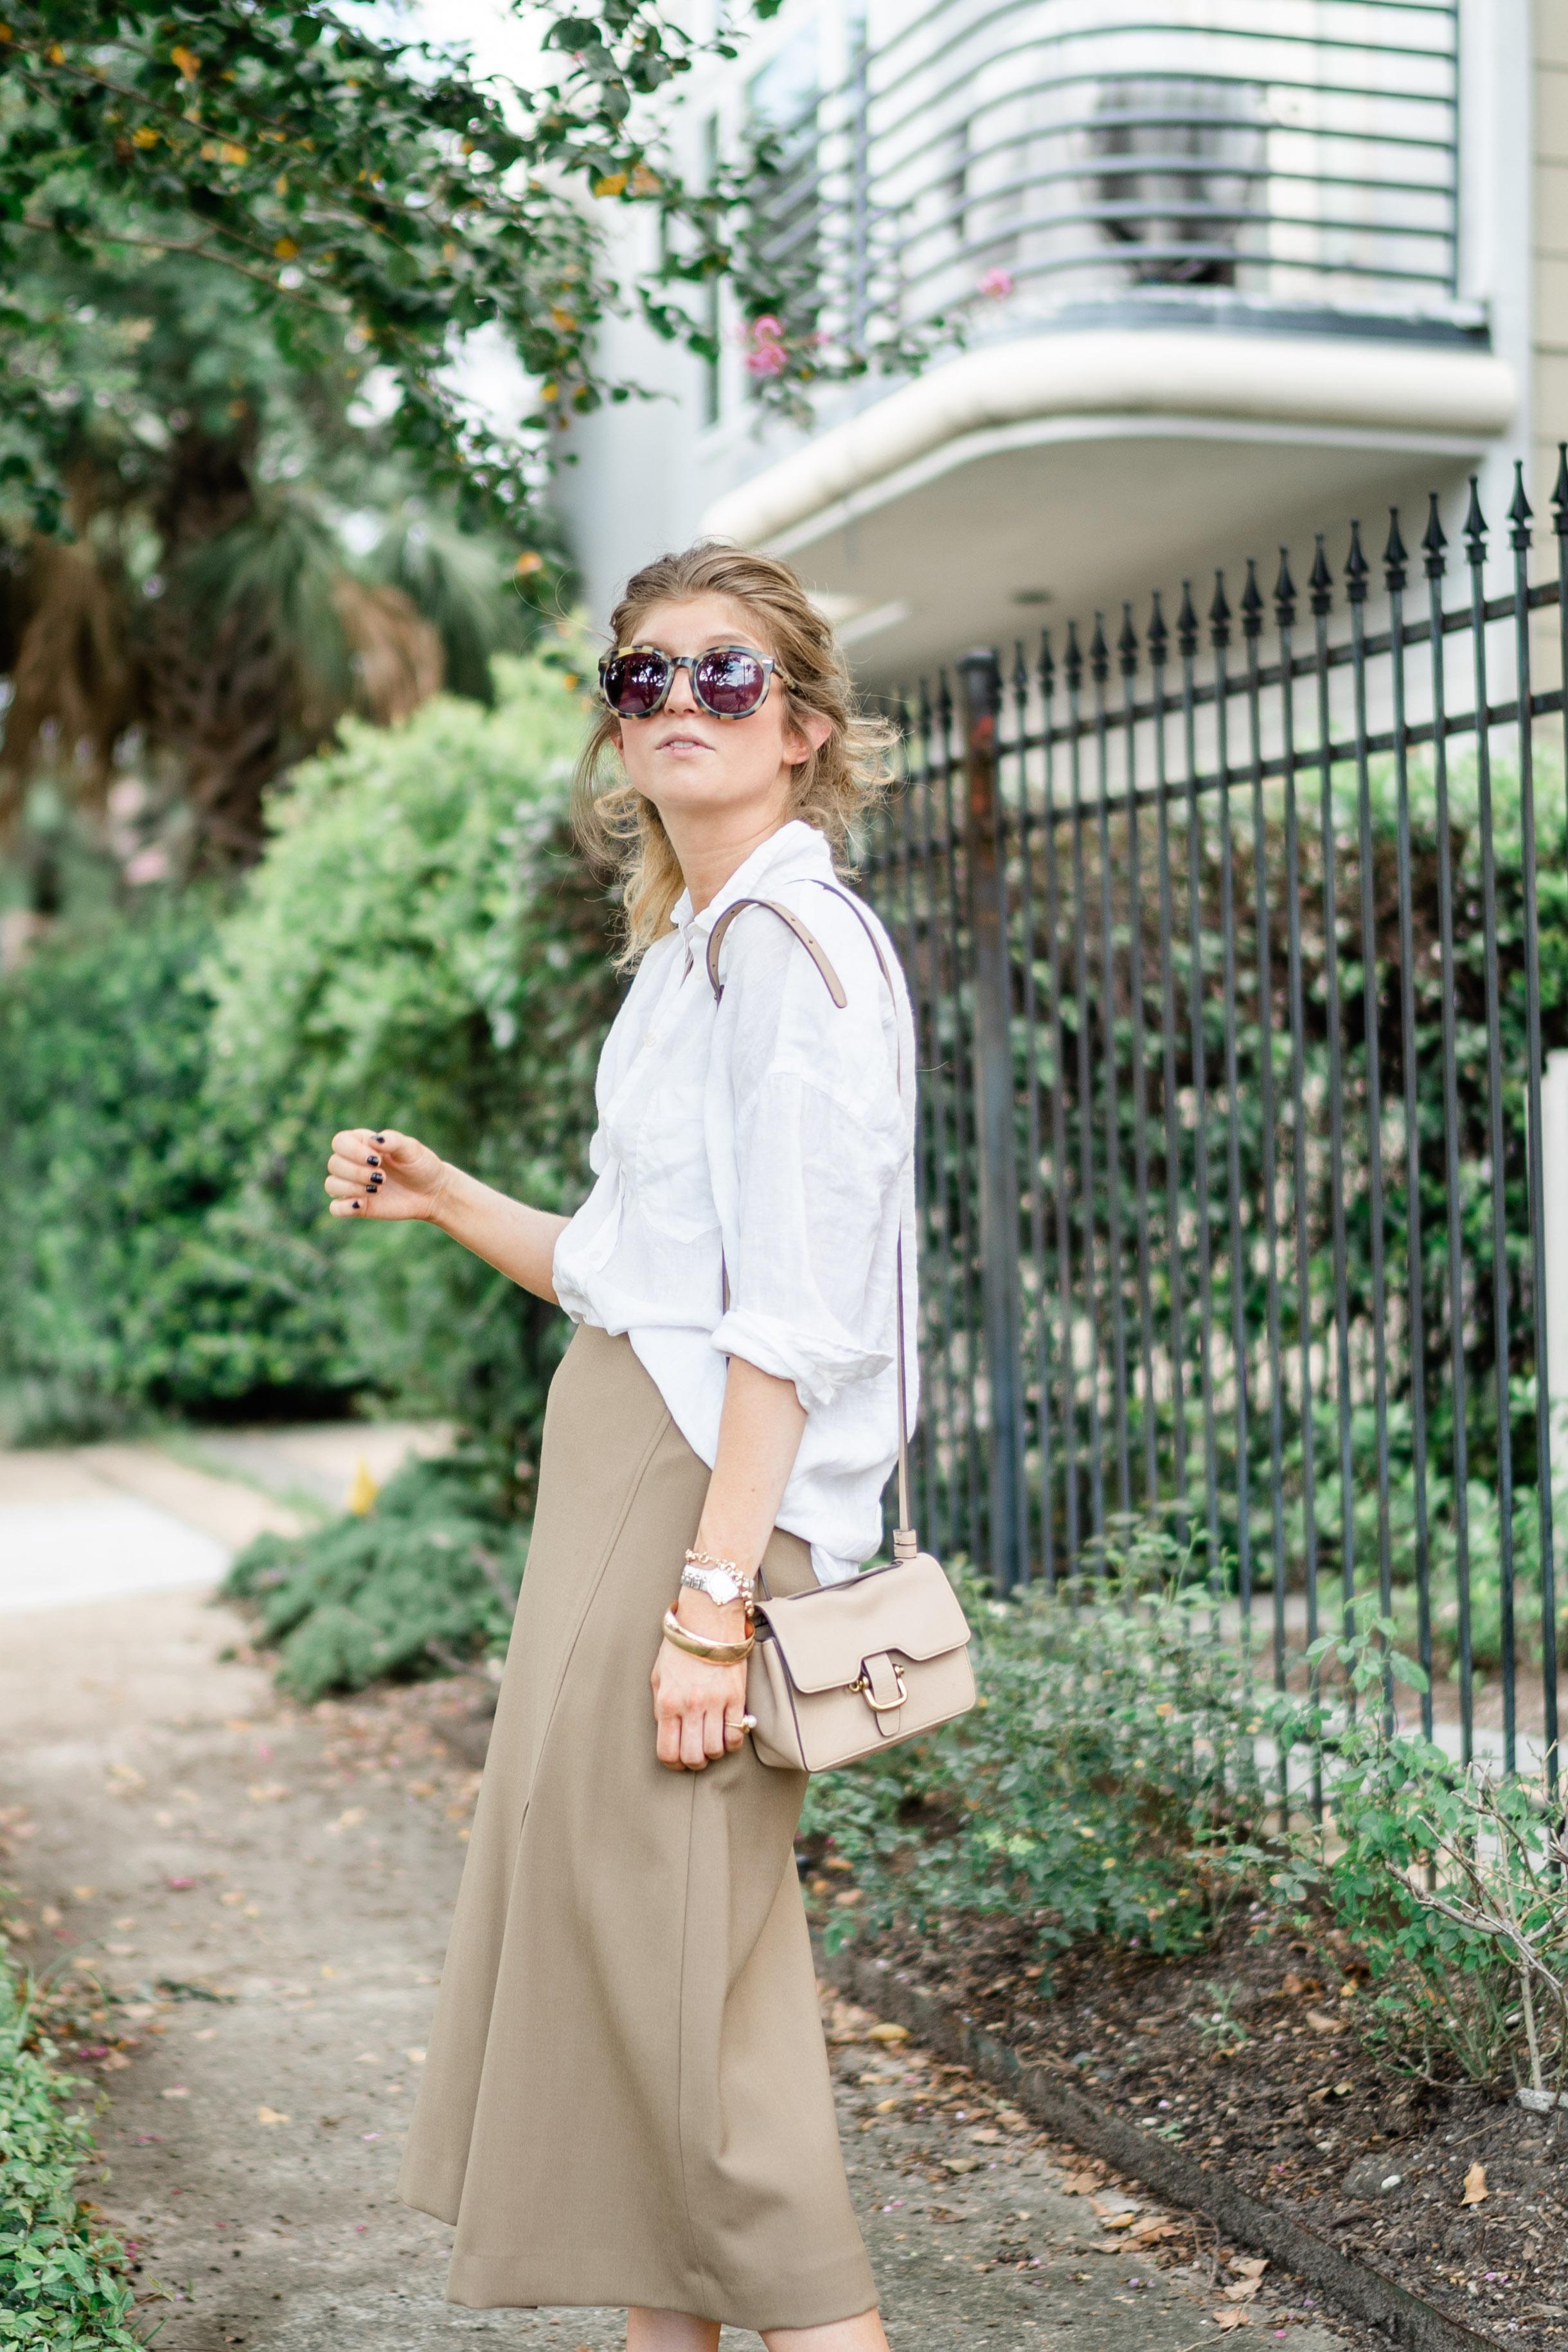 Midi Skirts Meet Linen